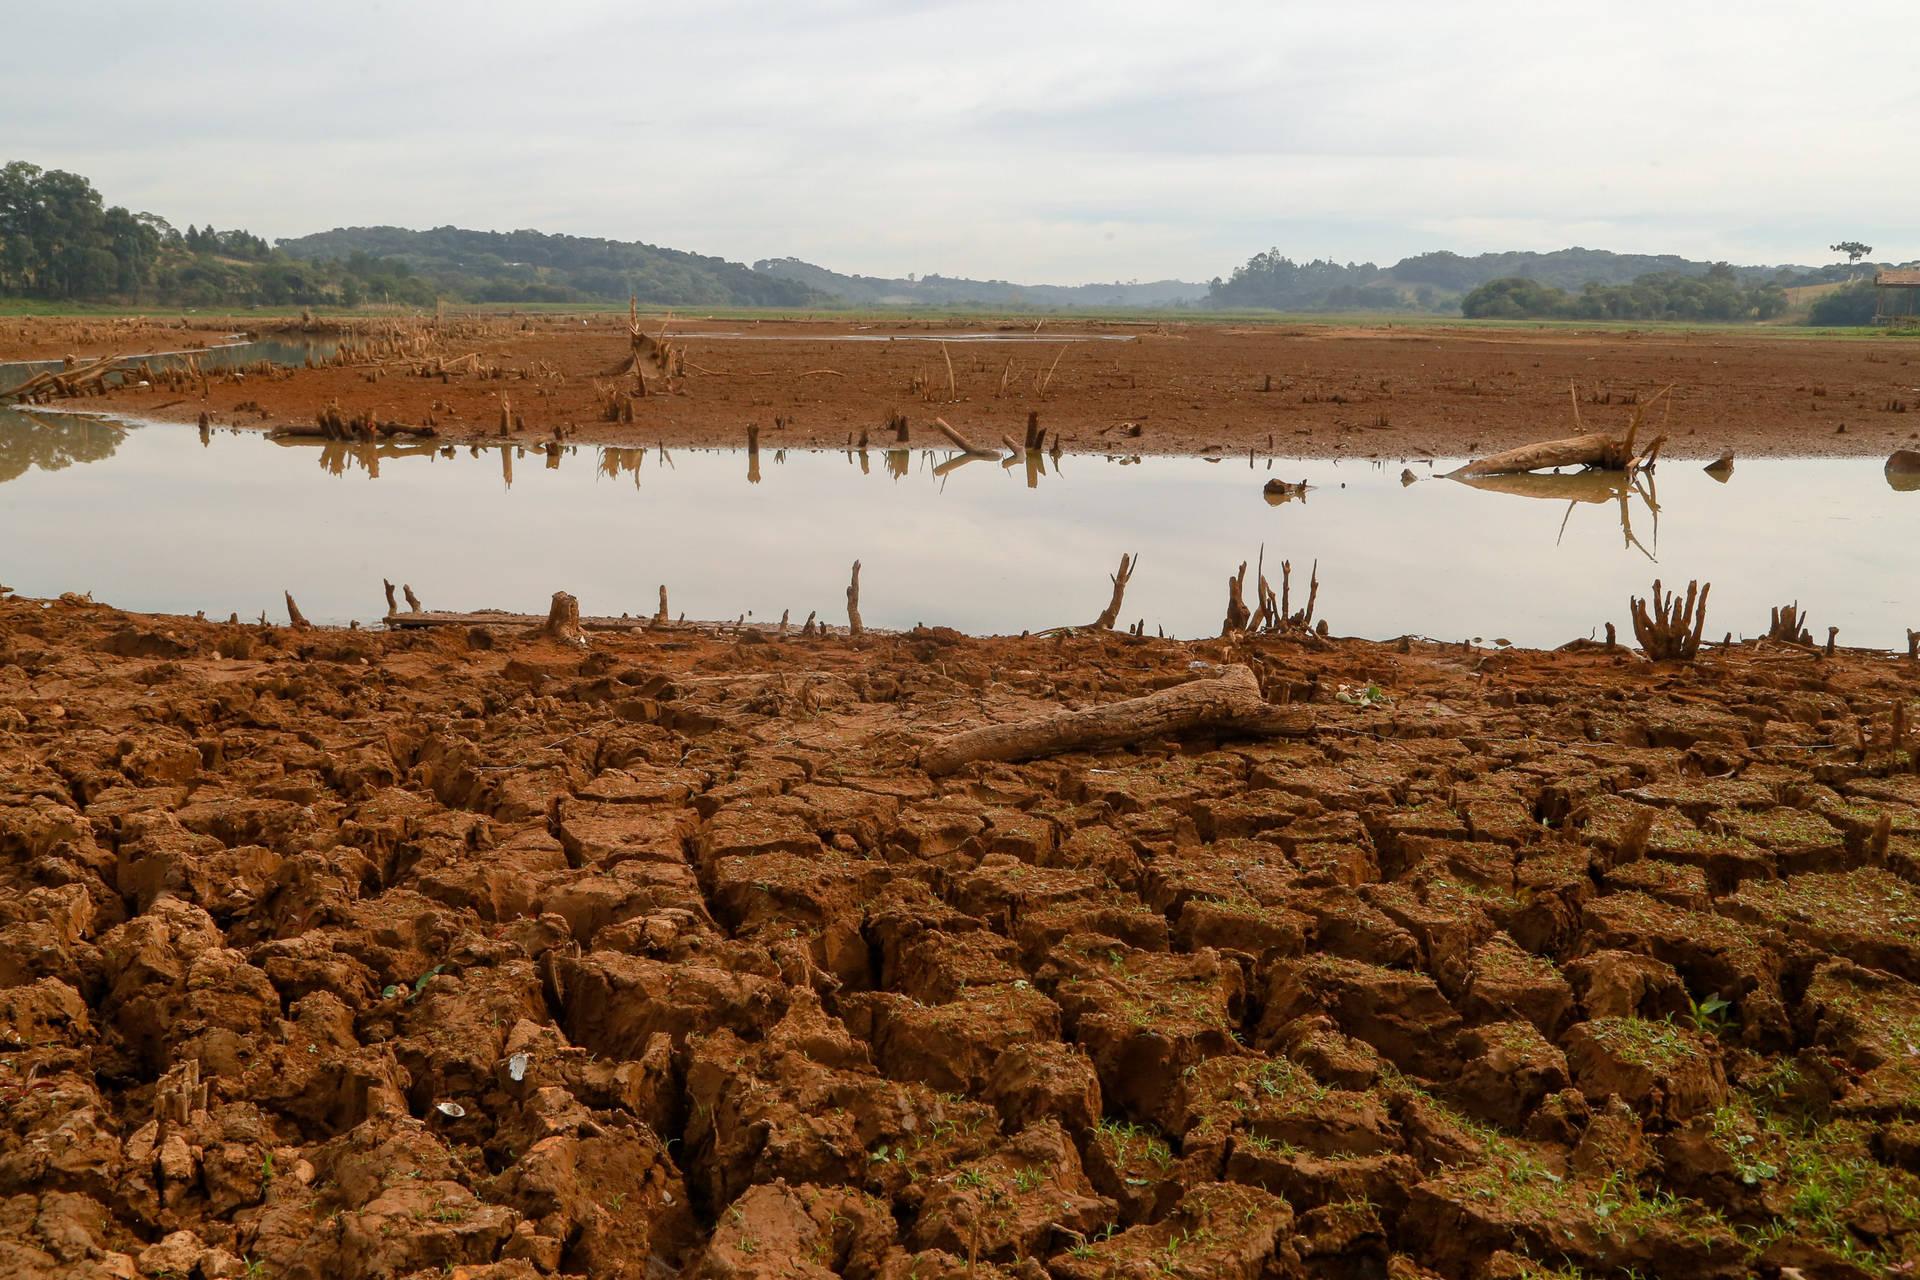 Dados do Simepar indicam chuvas abaixo da média no Paraná em setembro